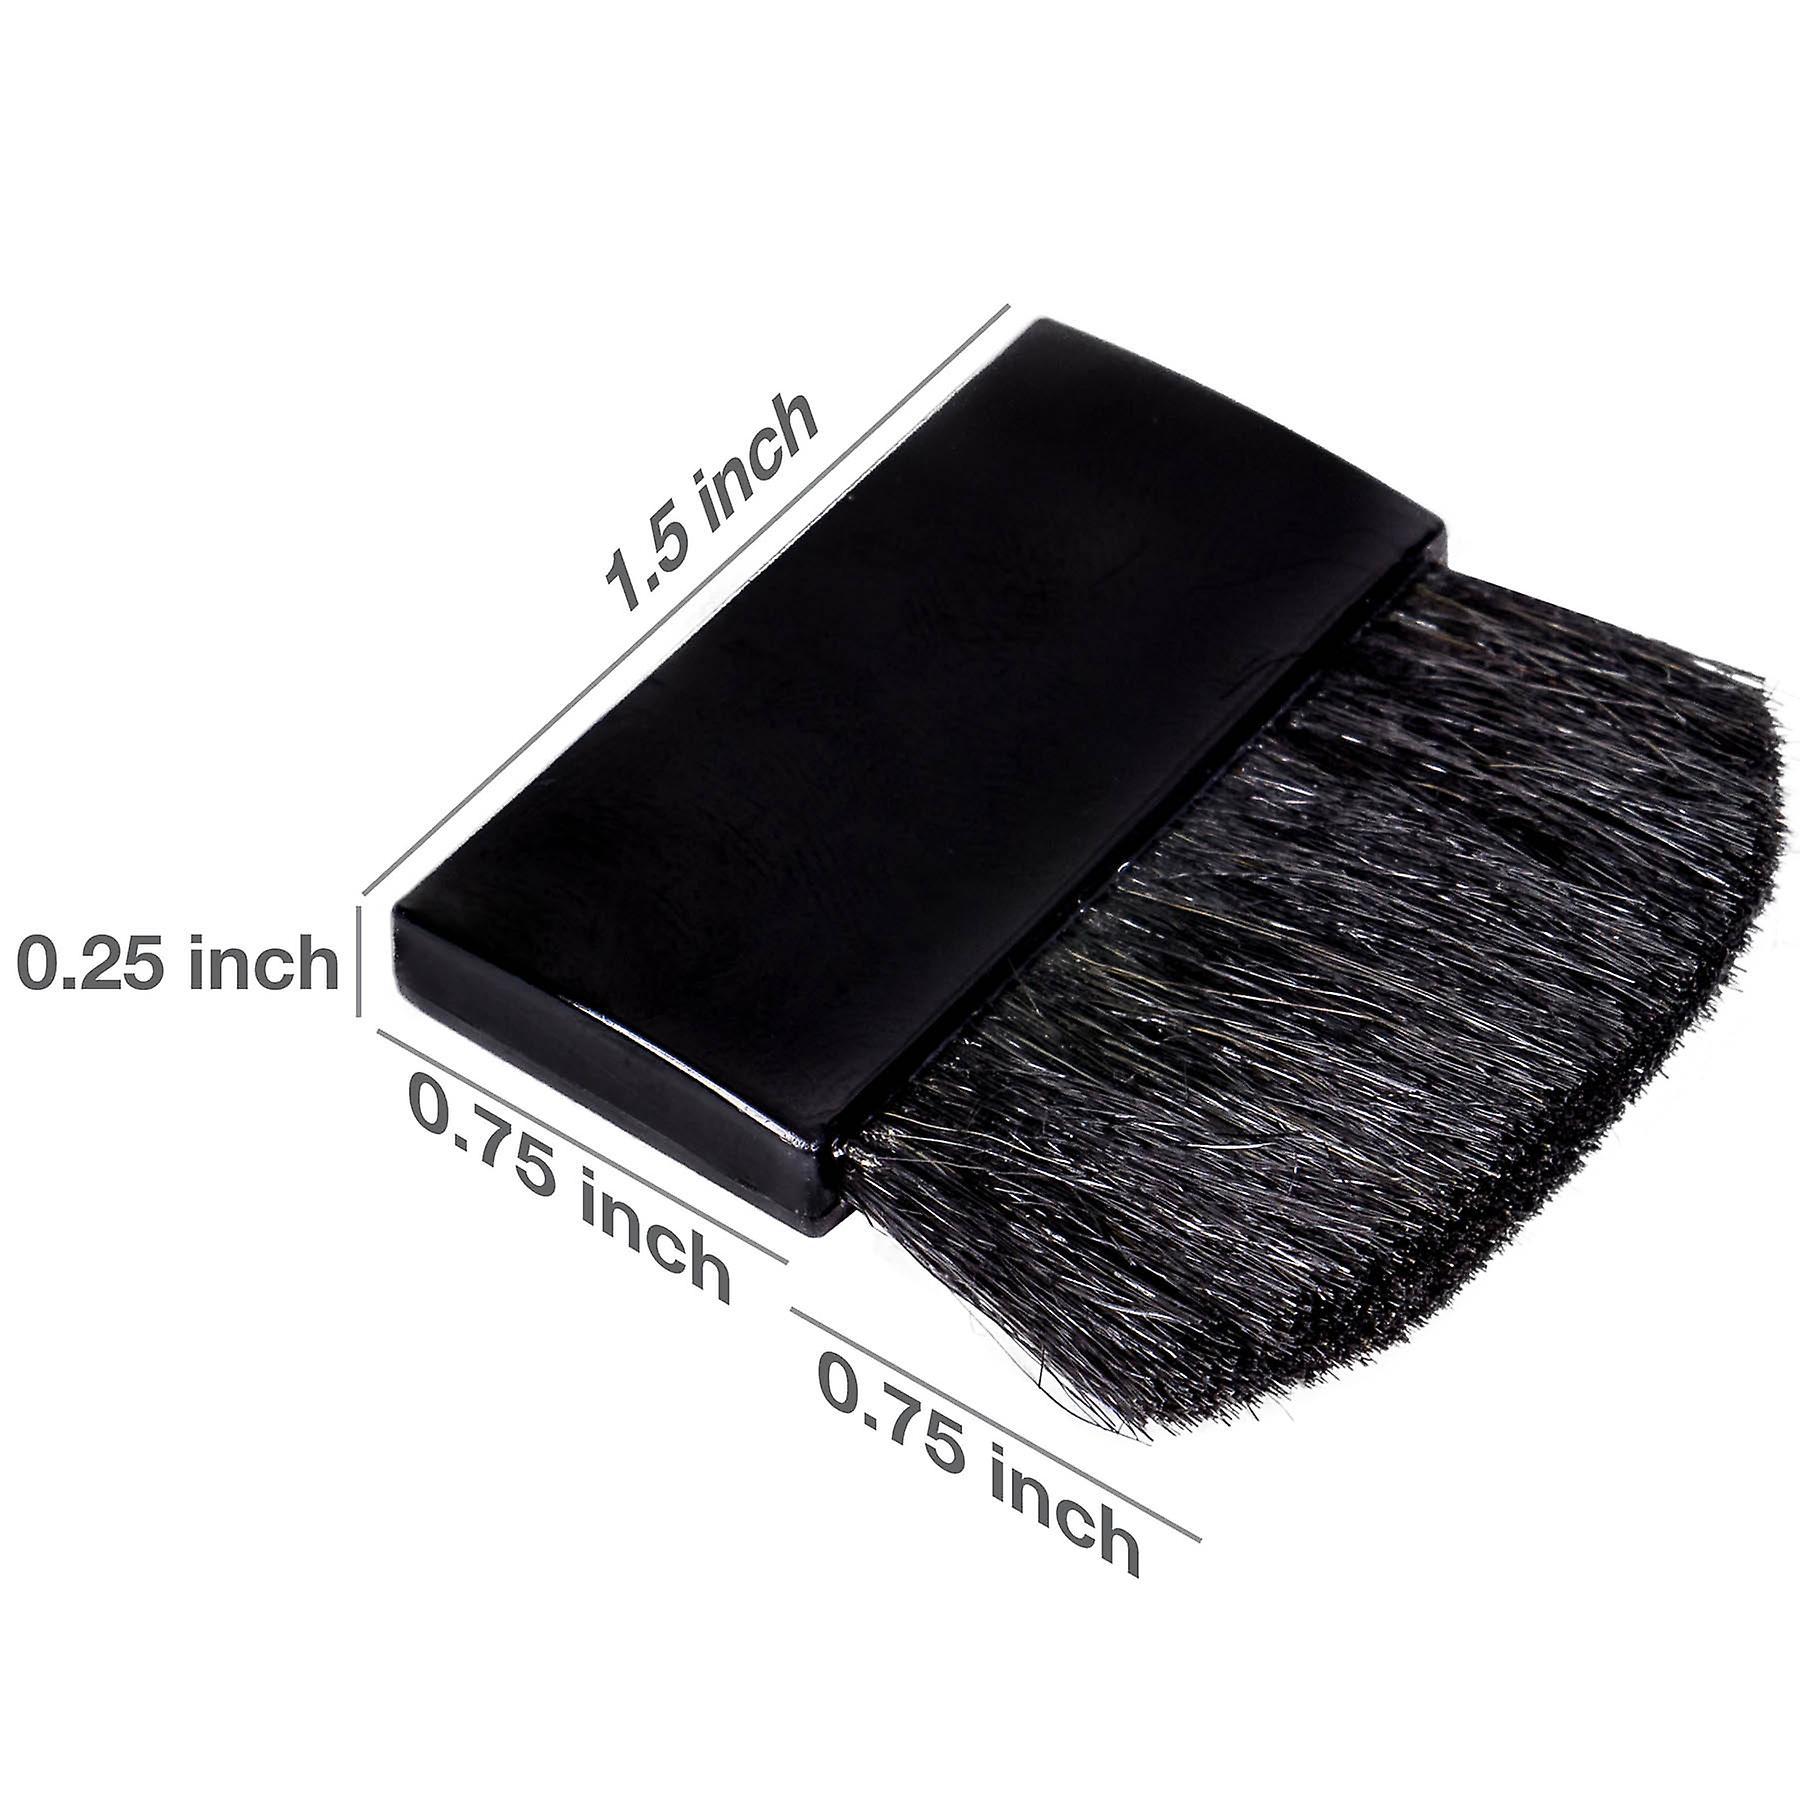 SHANY Redefined Portable Flat Brush Set- Three Cosmetics Brushes